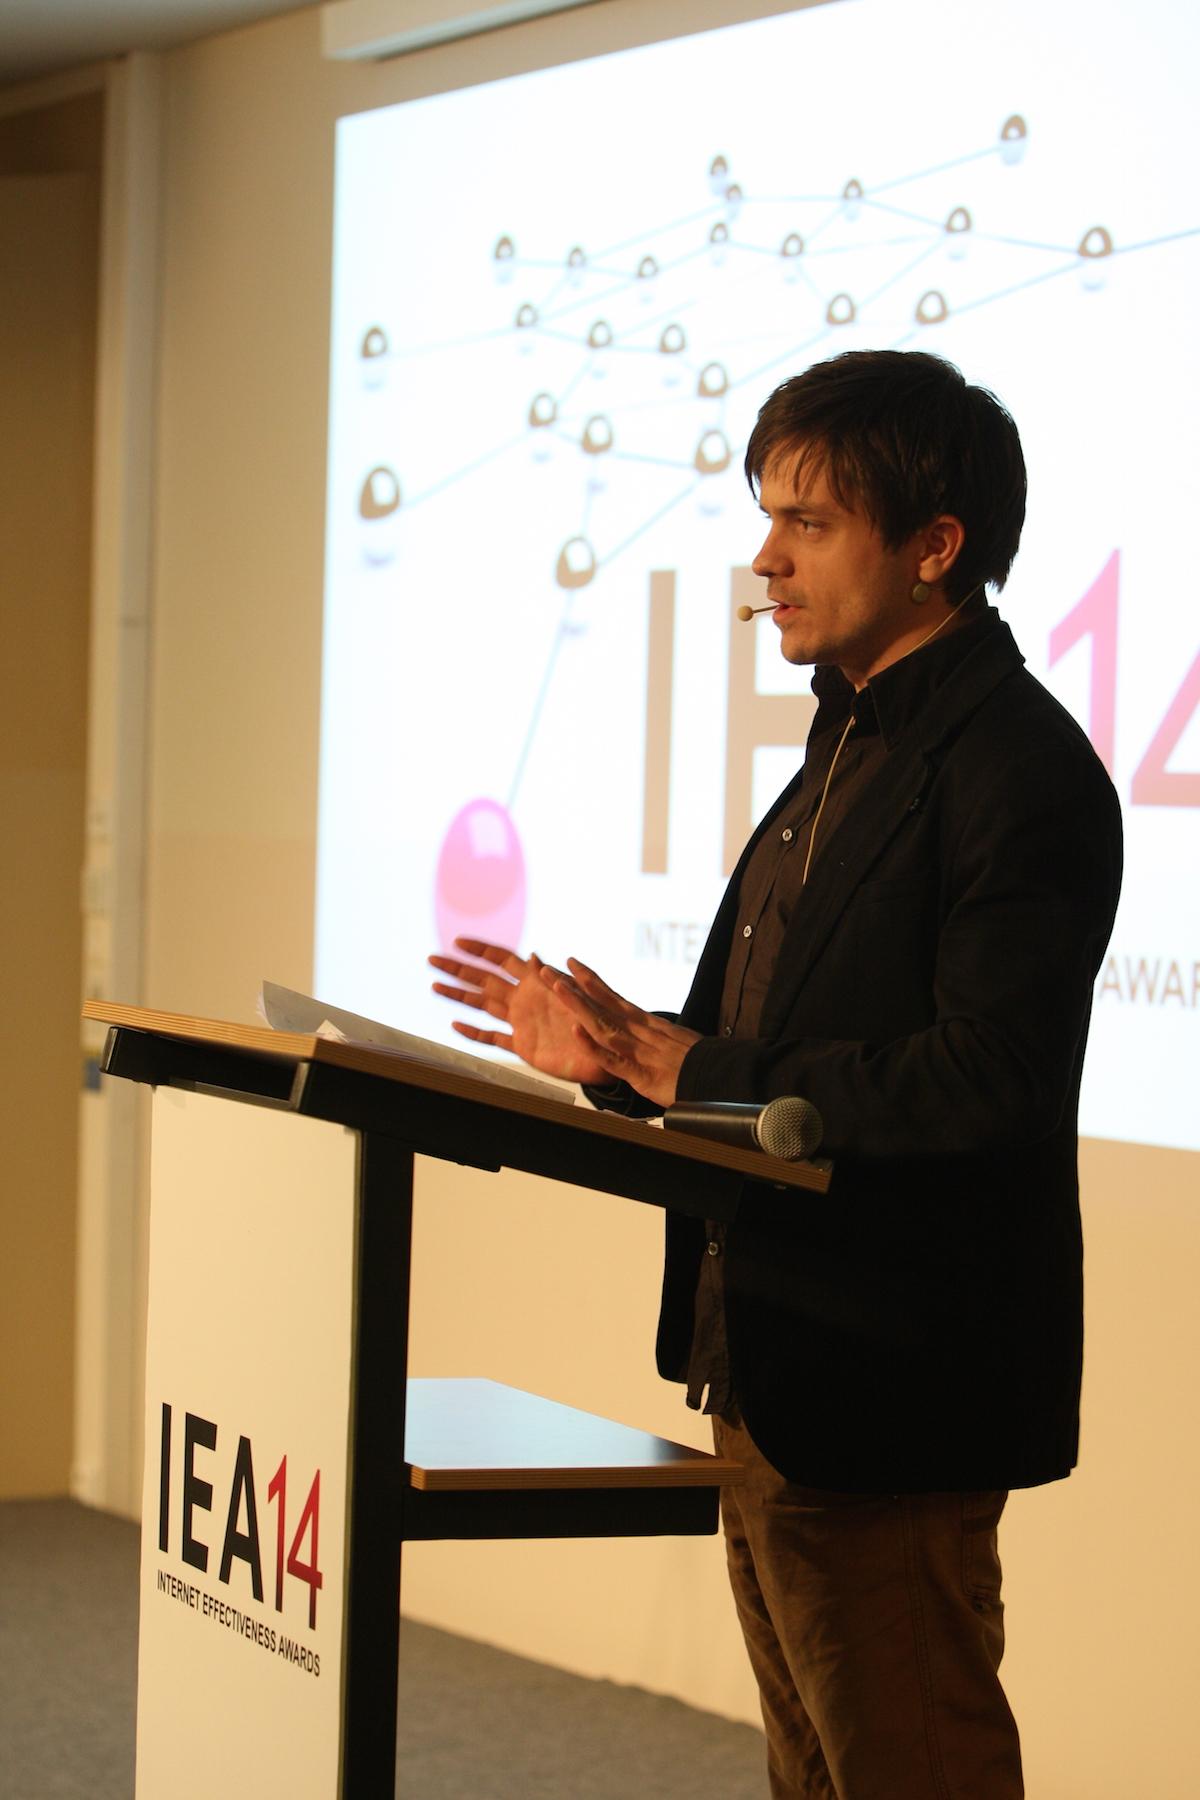 Herec Jiří Mádl jako moderátor. Foto: Martin Borovička